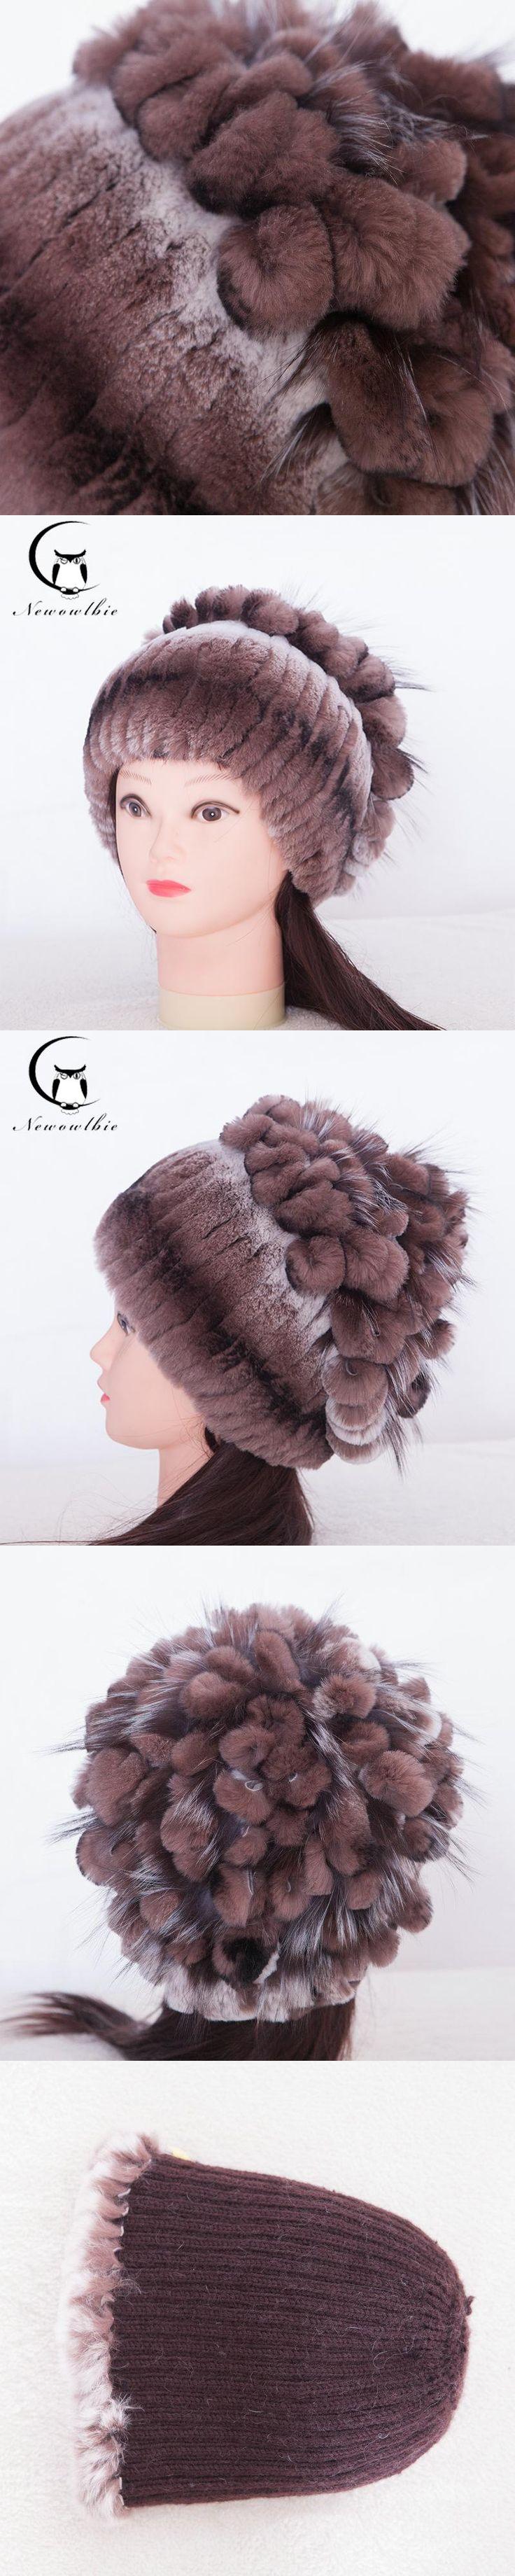 Women's Cap Ear Winter Fur Hat For Women Real Rex Rabbit Fur Hats With Silver Fox Fur Knitted Flower Pattern Hot Women Fur Cap